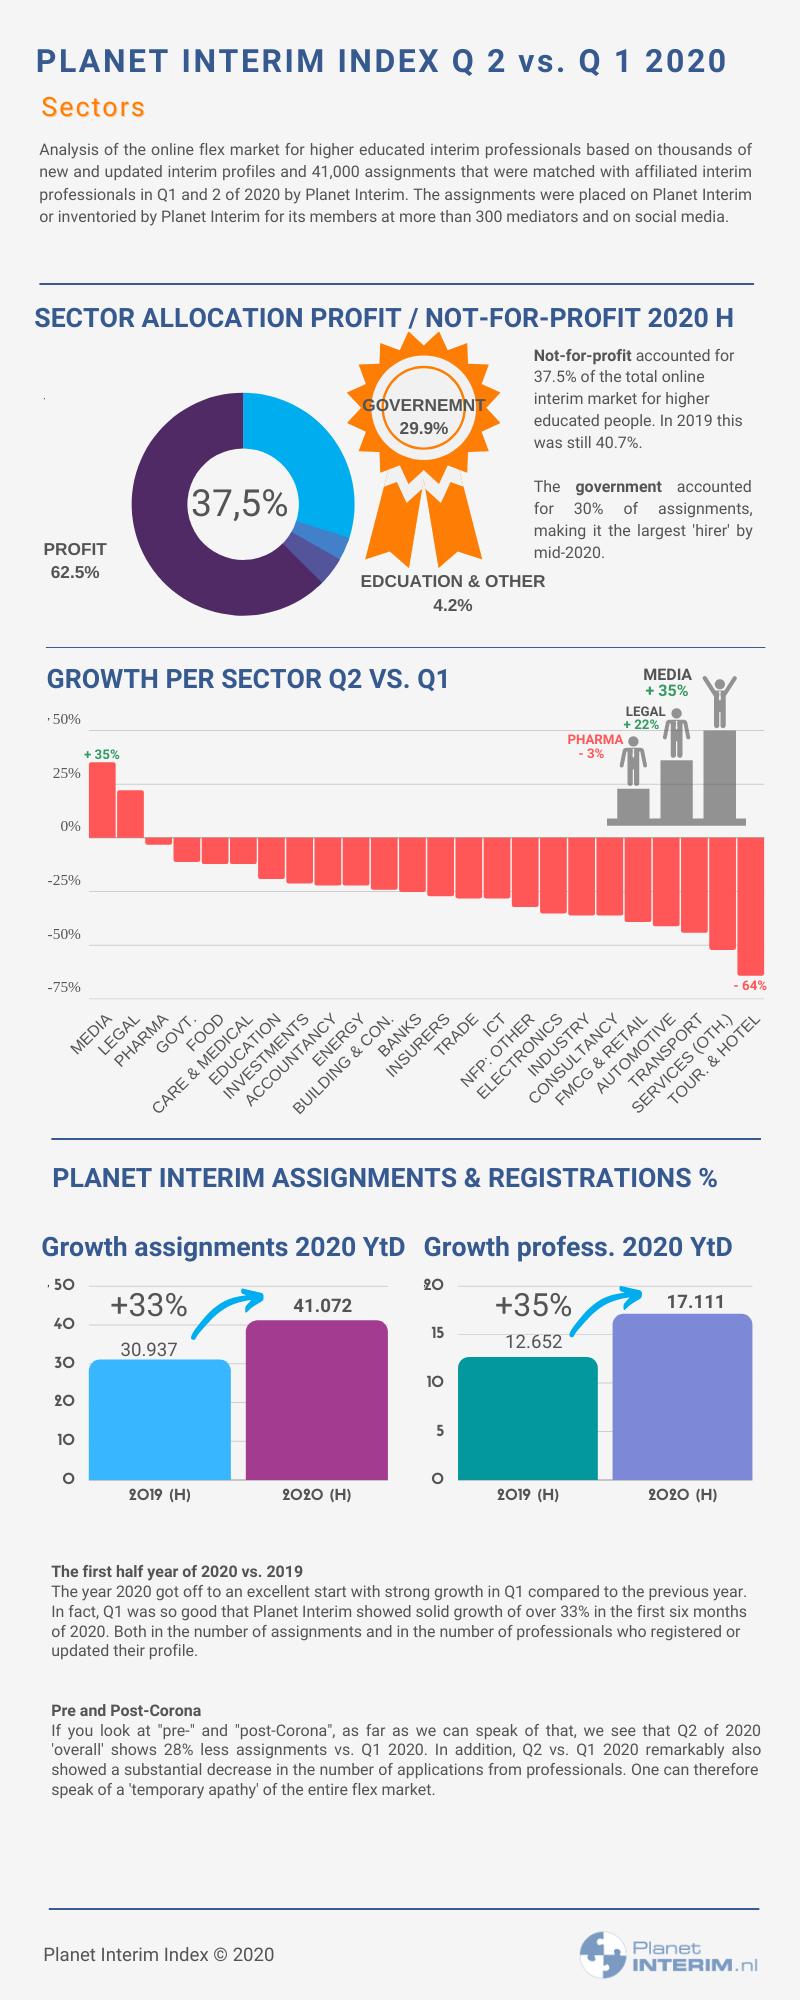 Planet Interim Index 2020 H sectors